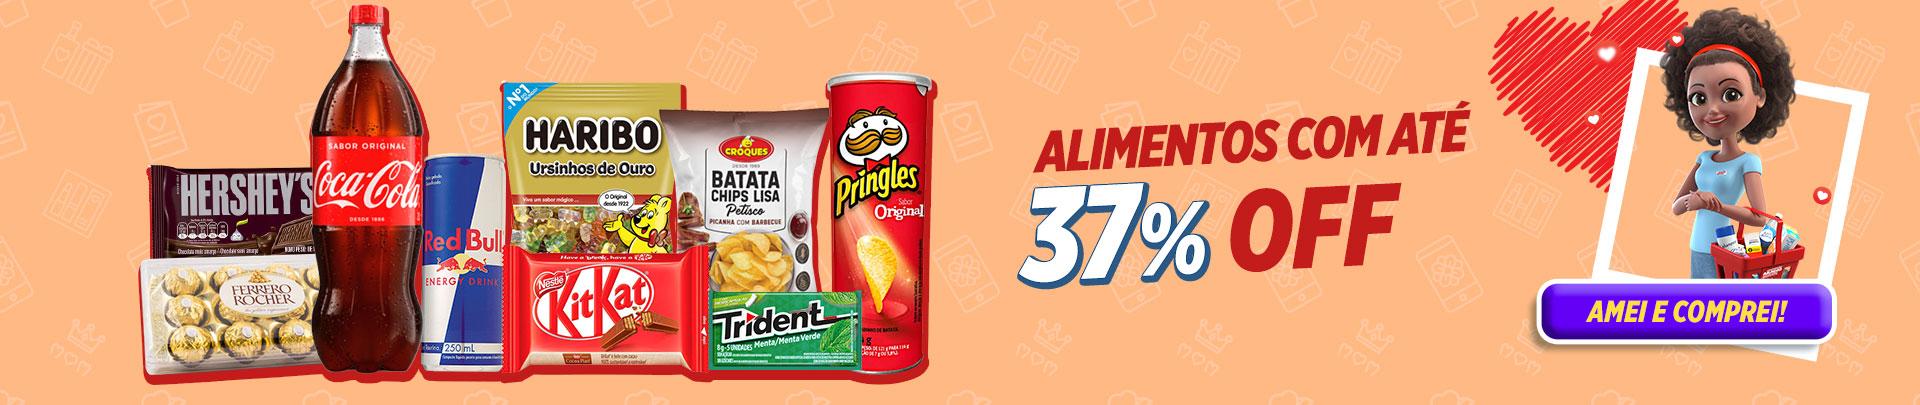 Alimento_Tab354